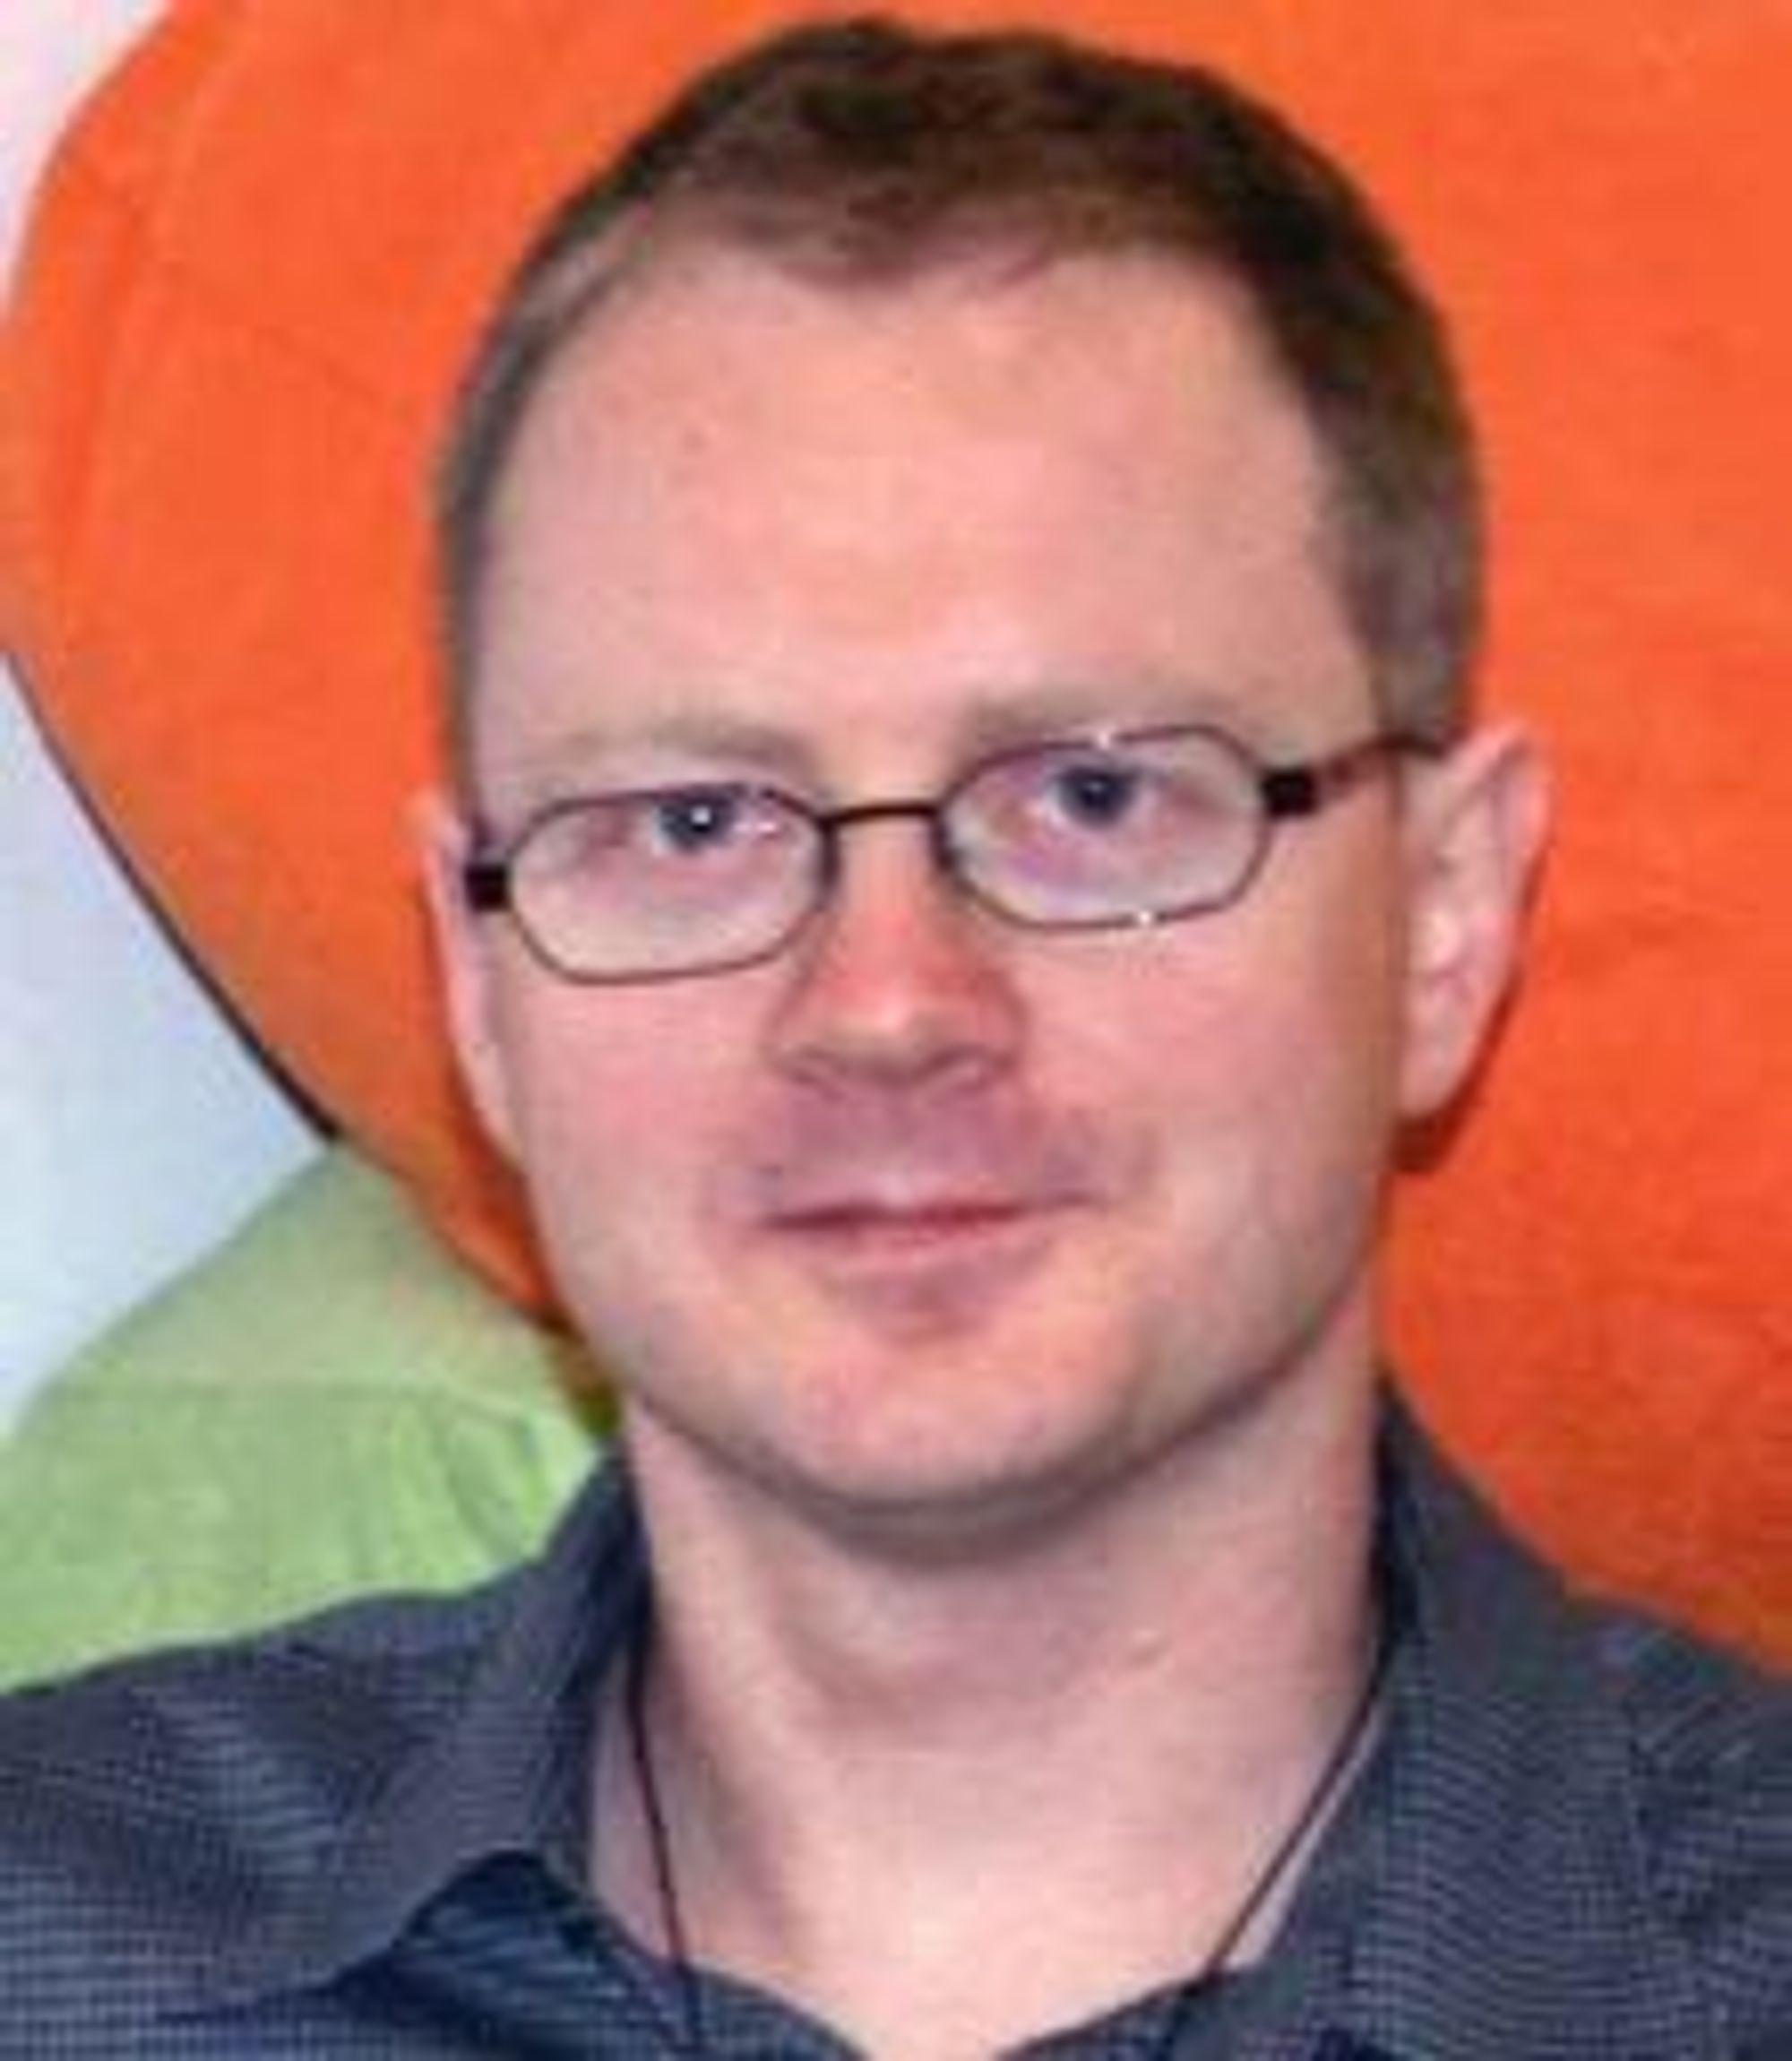 Objectplanet er klare for videre vekst og tør satse i tøffe tider, sier IT-investor Eirik Chambe-Eng.